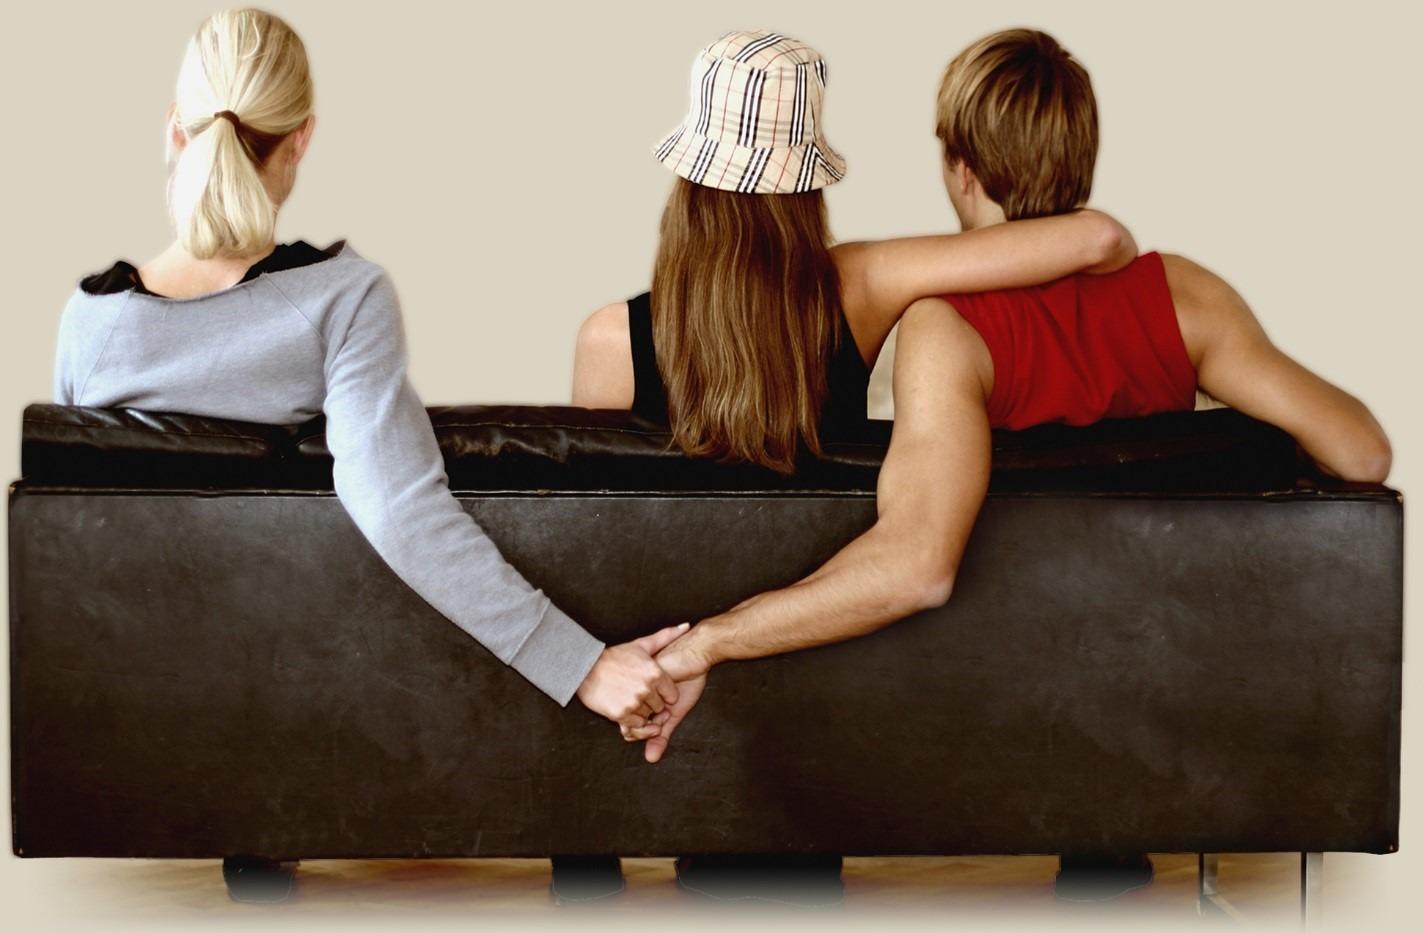 Fedeltà e infedeltà: le ragioni che spingono al tradimento